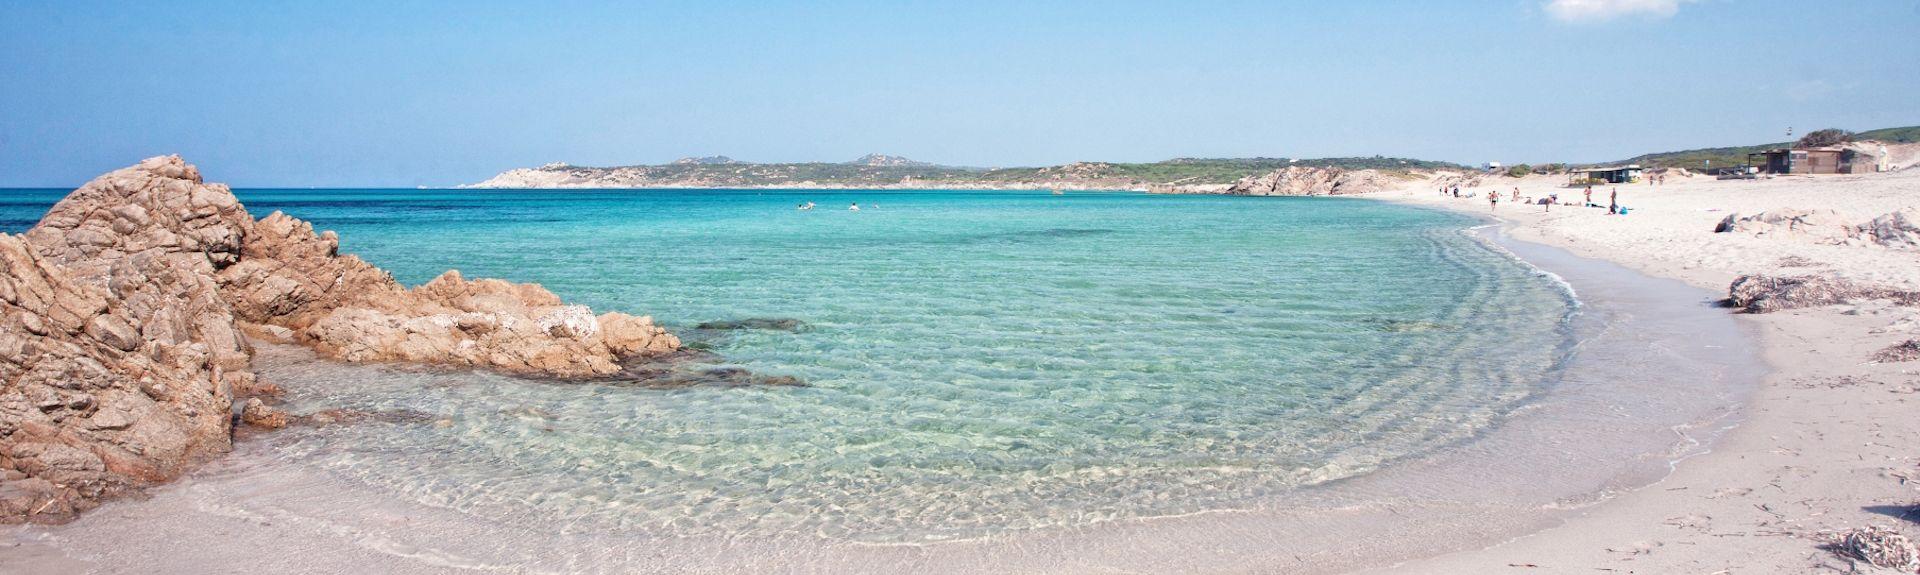 Spiaggia di Porto Pollo, Palau, Sardegna, Italia